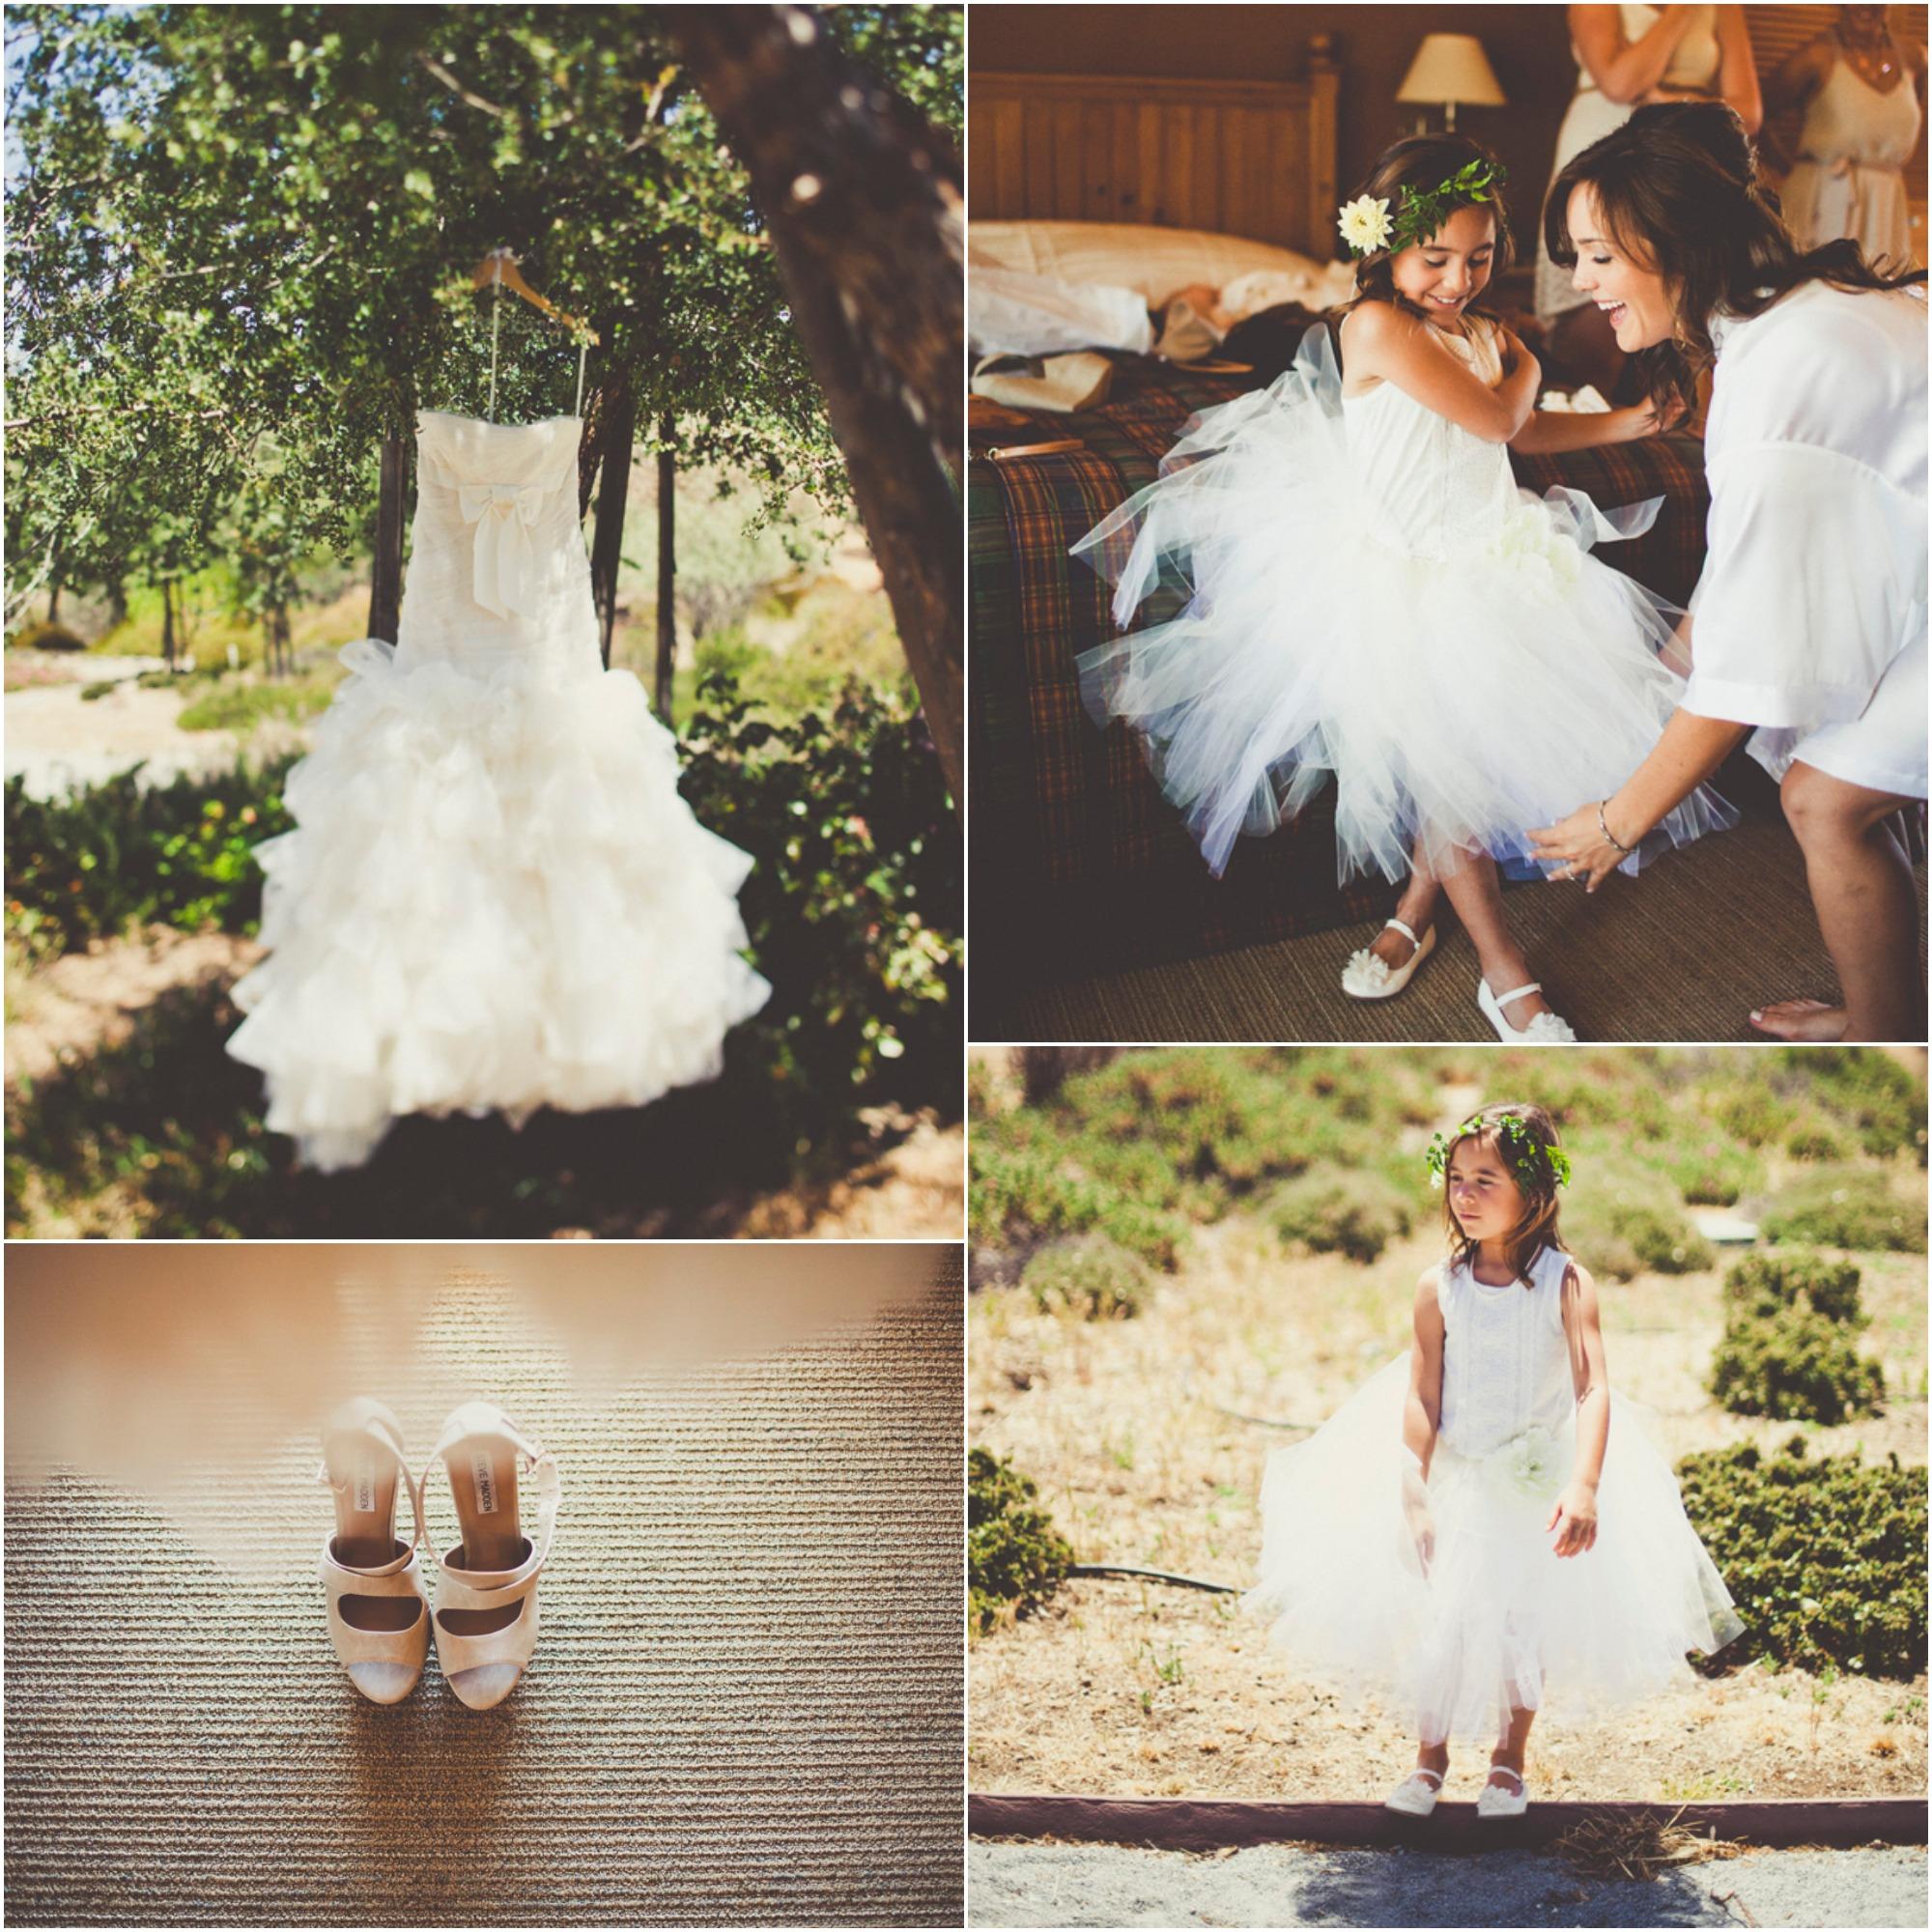 Rustic Elegant Barn Wedding Ideas: Elegant Rustic Barn Style Wedding